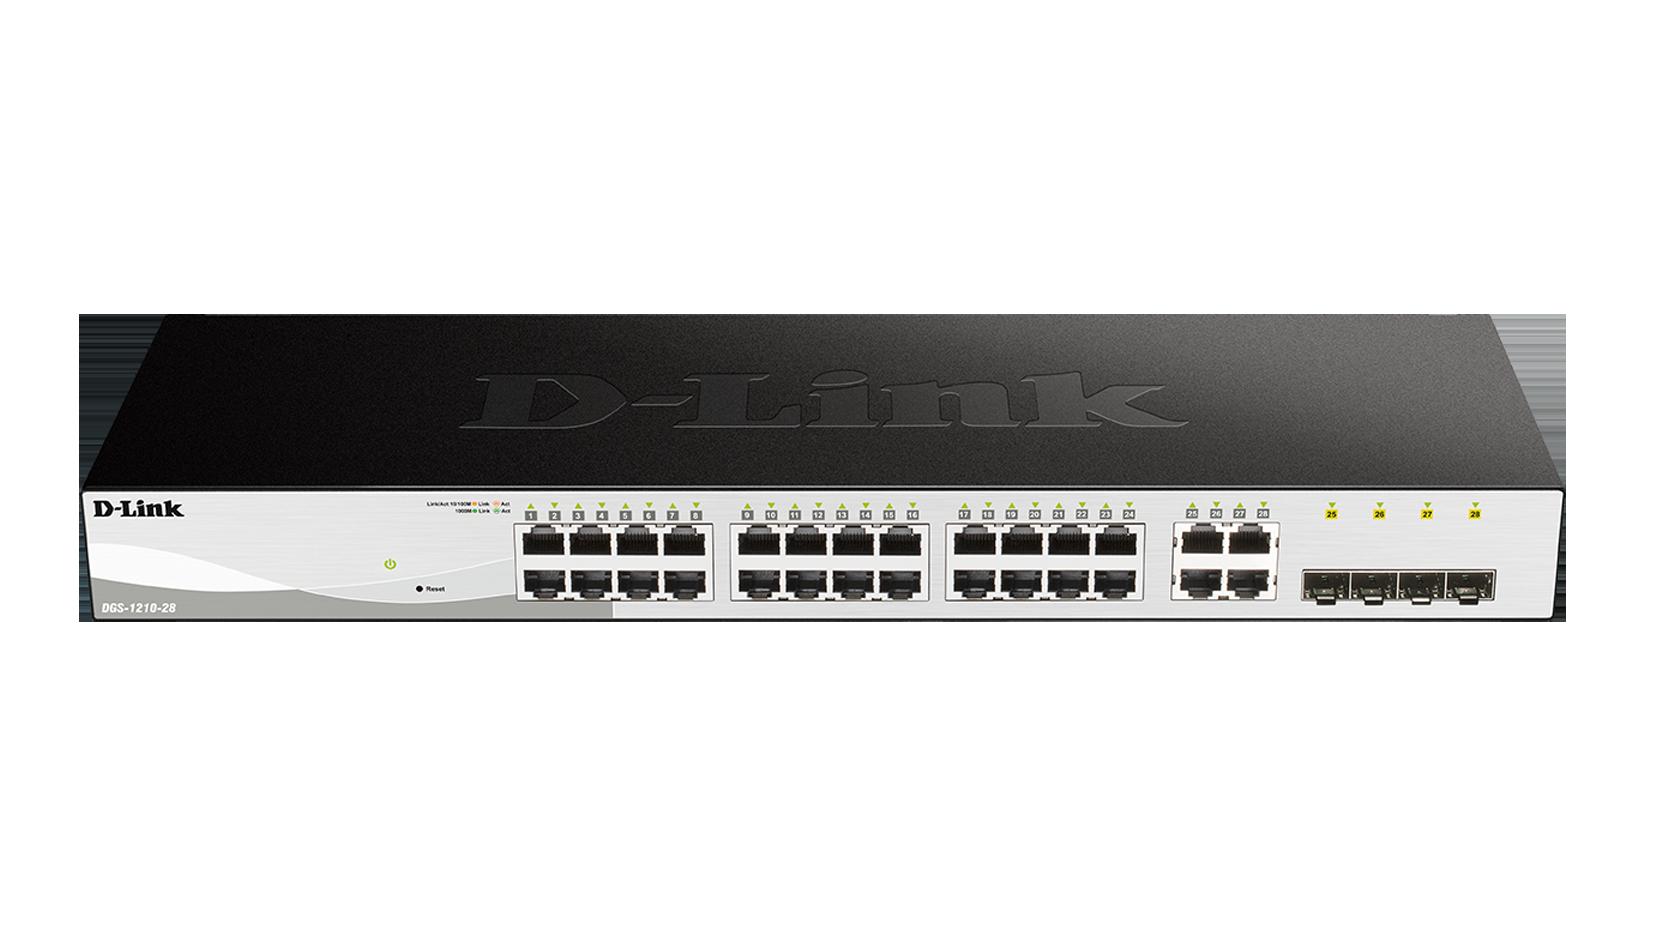 سوییچ 28 پورت دی-لینک مدل D-link DGS-1210-28یکی از محصولات دی لینک که همانند سایر محصولات دی لینک دارای کیفیت ساخت بسیار عالی بوده و می تواند نیازهای شما را برطرف سازد این سوئیچ قابلیت مدیریت Vlan , Qos , SysLog , Telnet , DHCP و برخی امکانات دیگر را دارد . این سوئیچ قابلیت نصب بسیار ساده را داشته و مجهز به سیستمHibernation نیز می باشد . با افزار نت همراه باشید برای بررسی بهتر و دقیق تر محصول DGS-1210-28 .